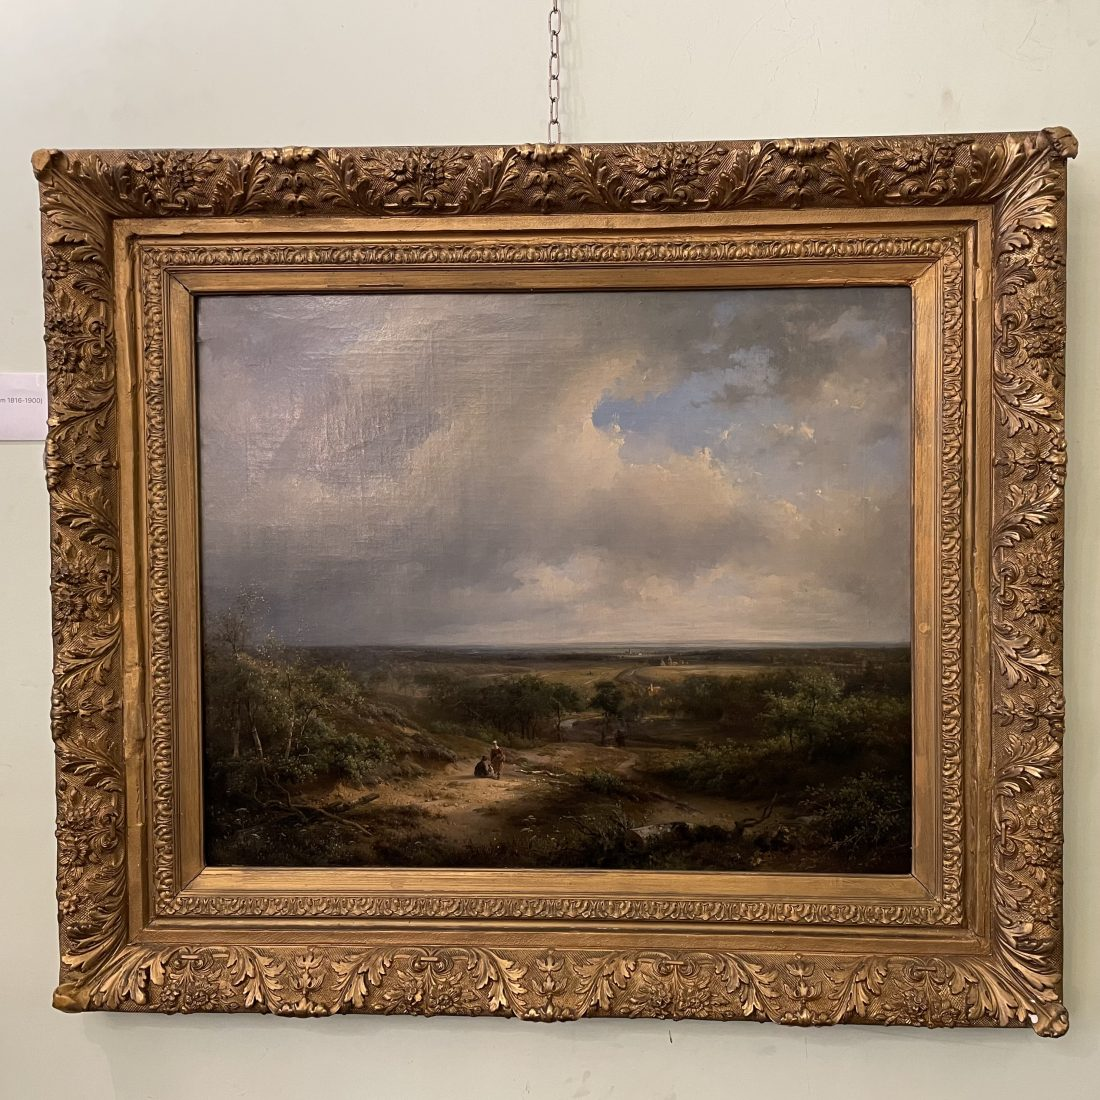 Bosrijke omgeving in de omstreken van Haarlem Pieter Lodewijk Francisco Kluyver  Amsterdam 1816-1900